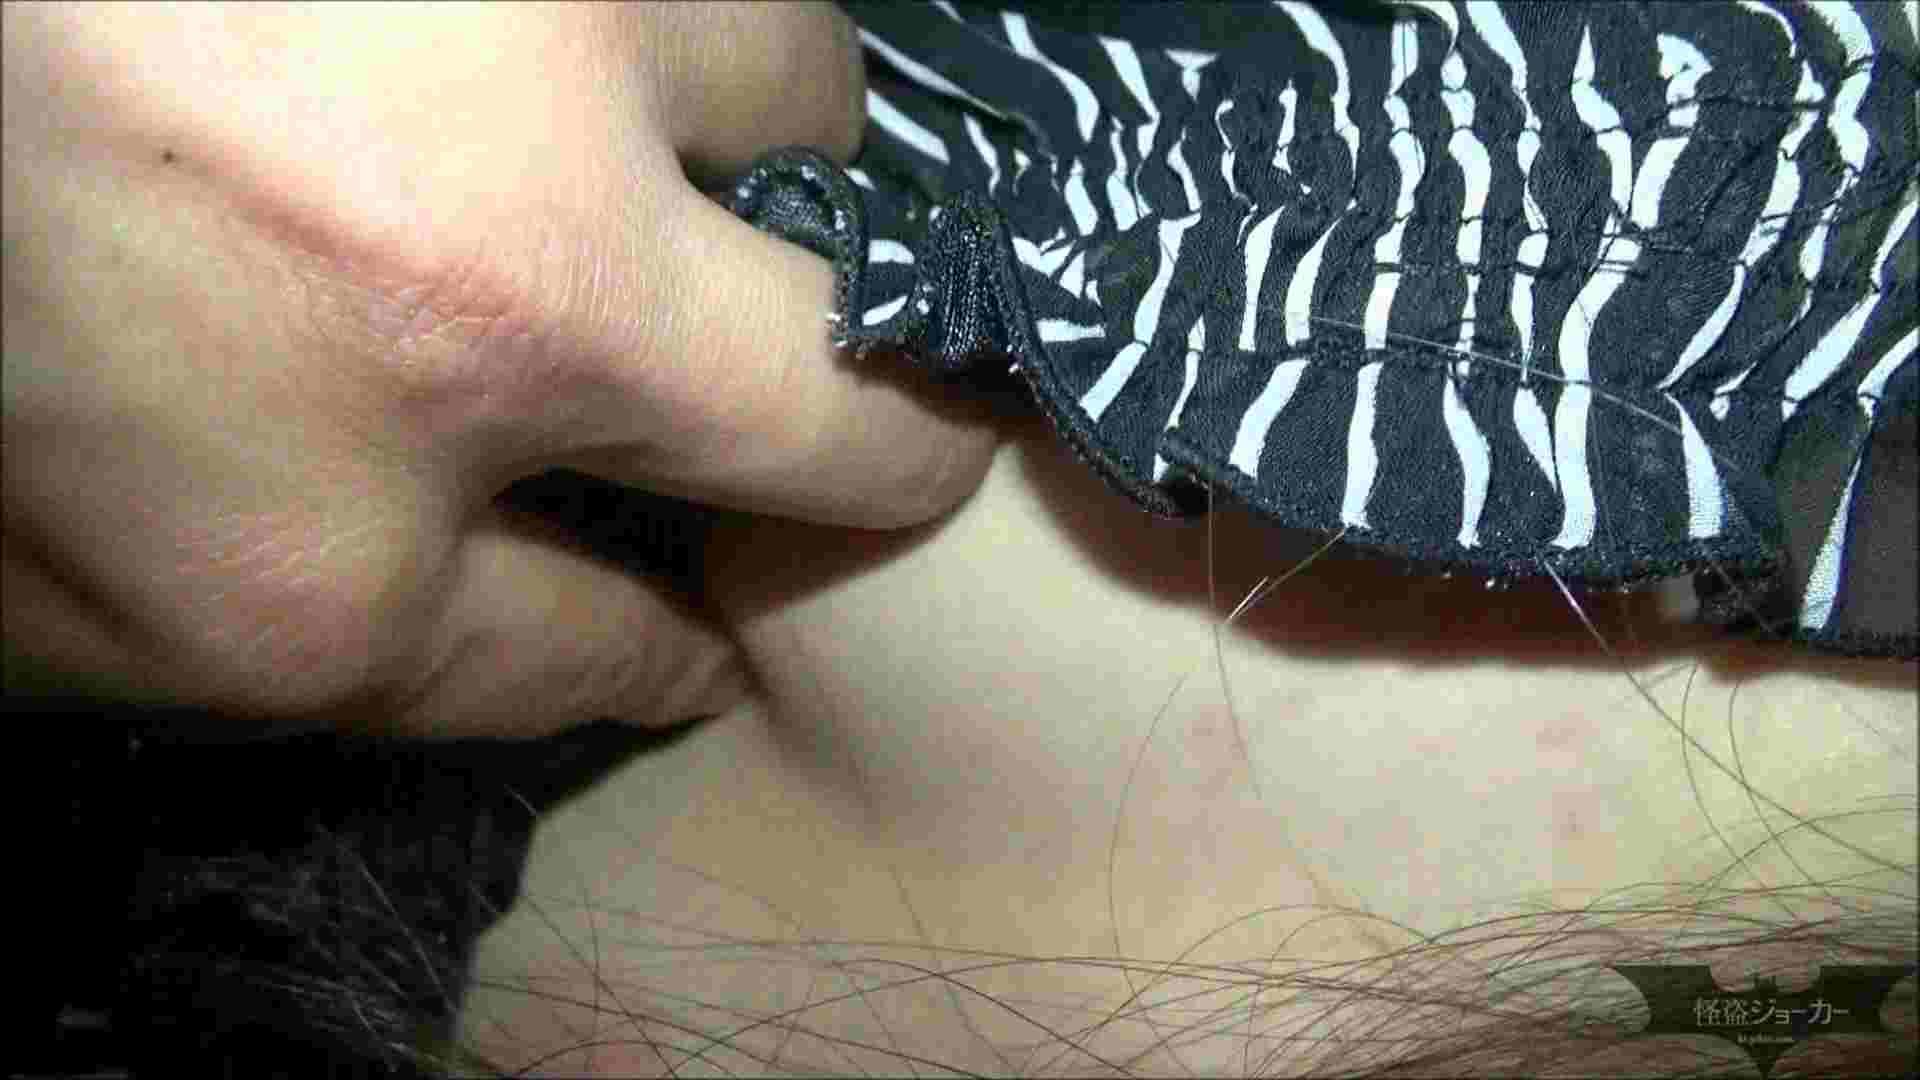 【未公開】vol.89 {黒髪女子18歳}押しに弱いYURIちゃん。 女子大生   イタズラ特集  66PIX 19